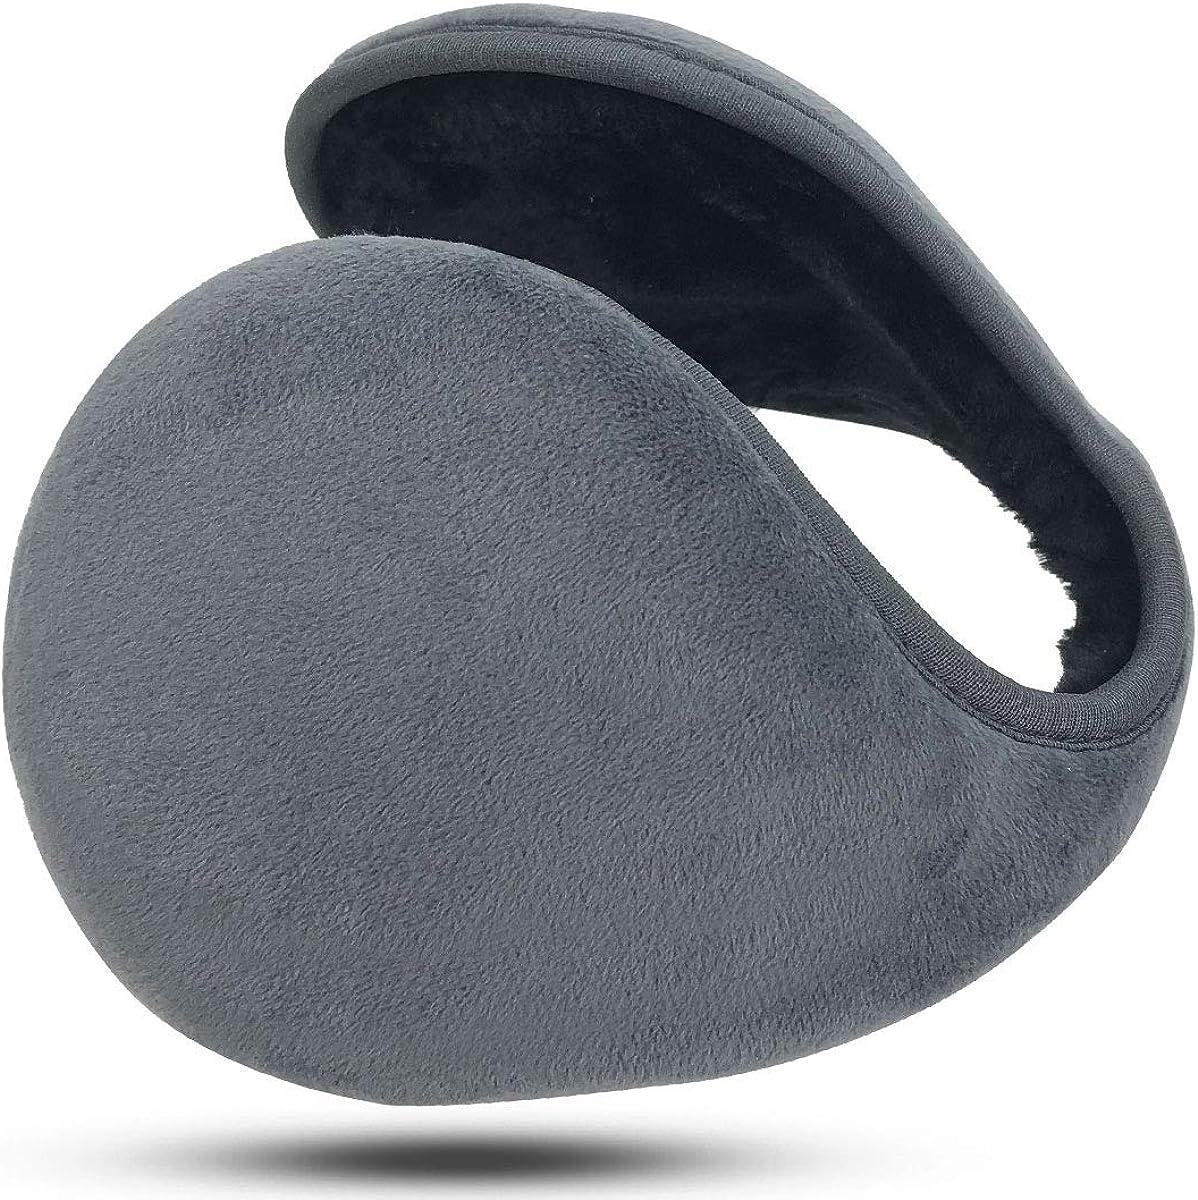 PIKABU Winter Knit Ear Warmers Unisex Classic Fleece Foldable Earmuffs for Men Women